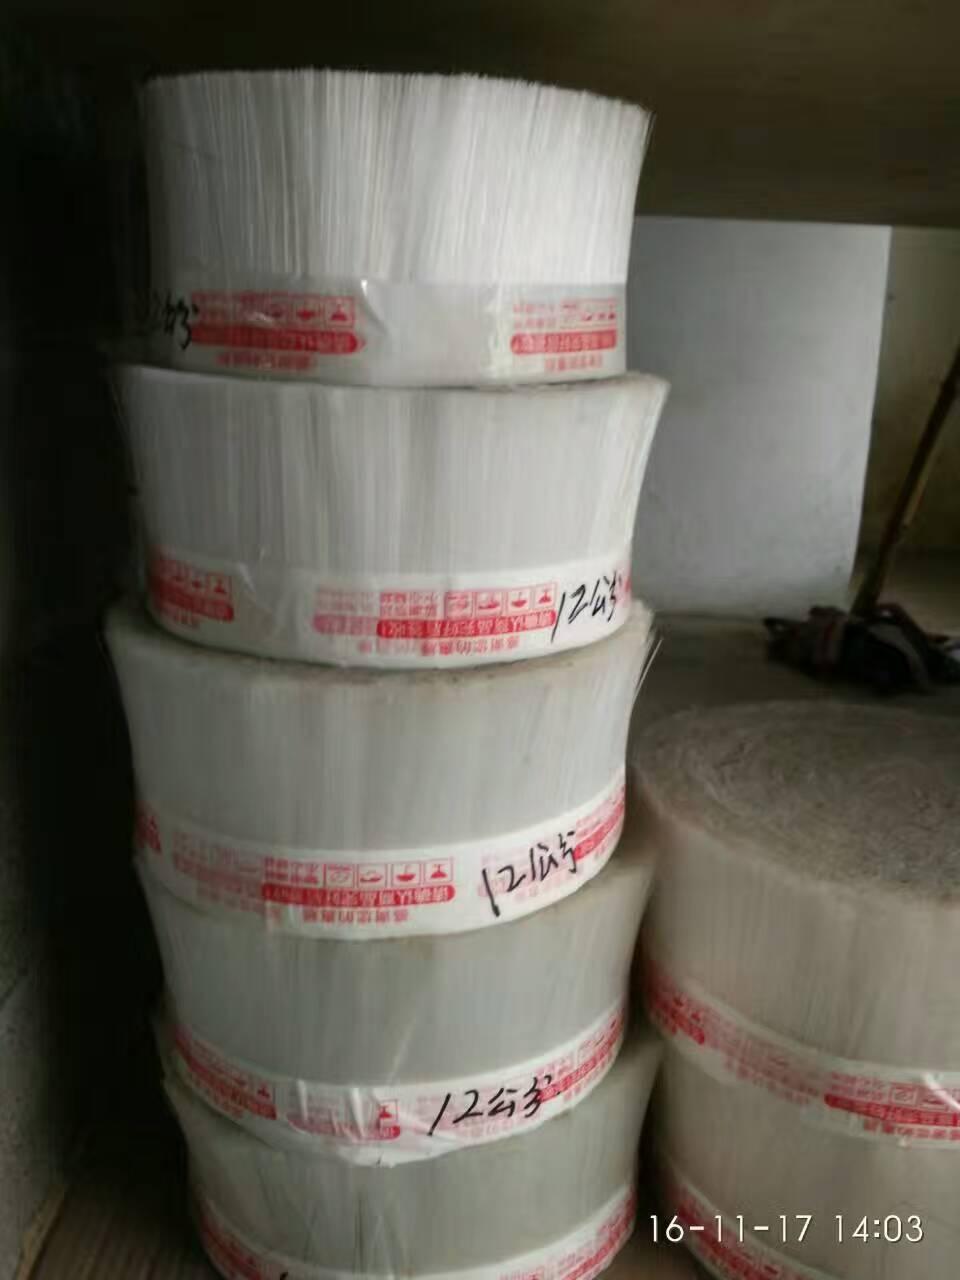 【推荐】博艺隆刷业供应防尘罩毛刷——白色刷丝防尘刷价格